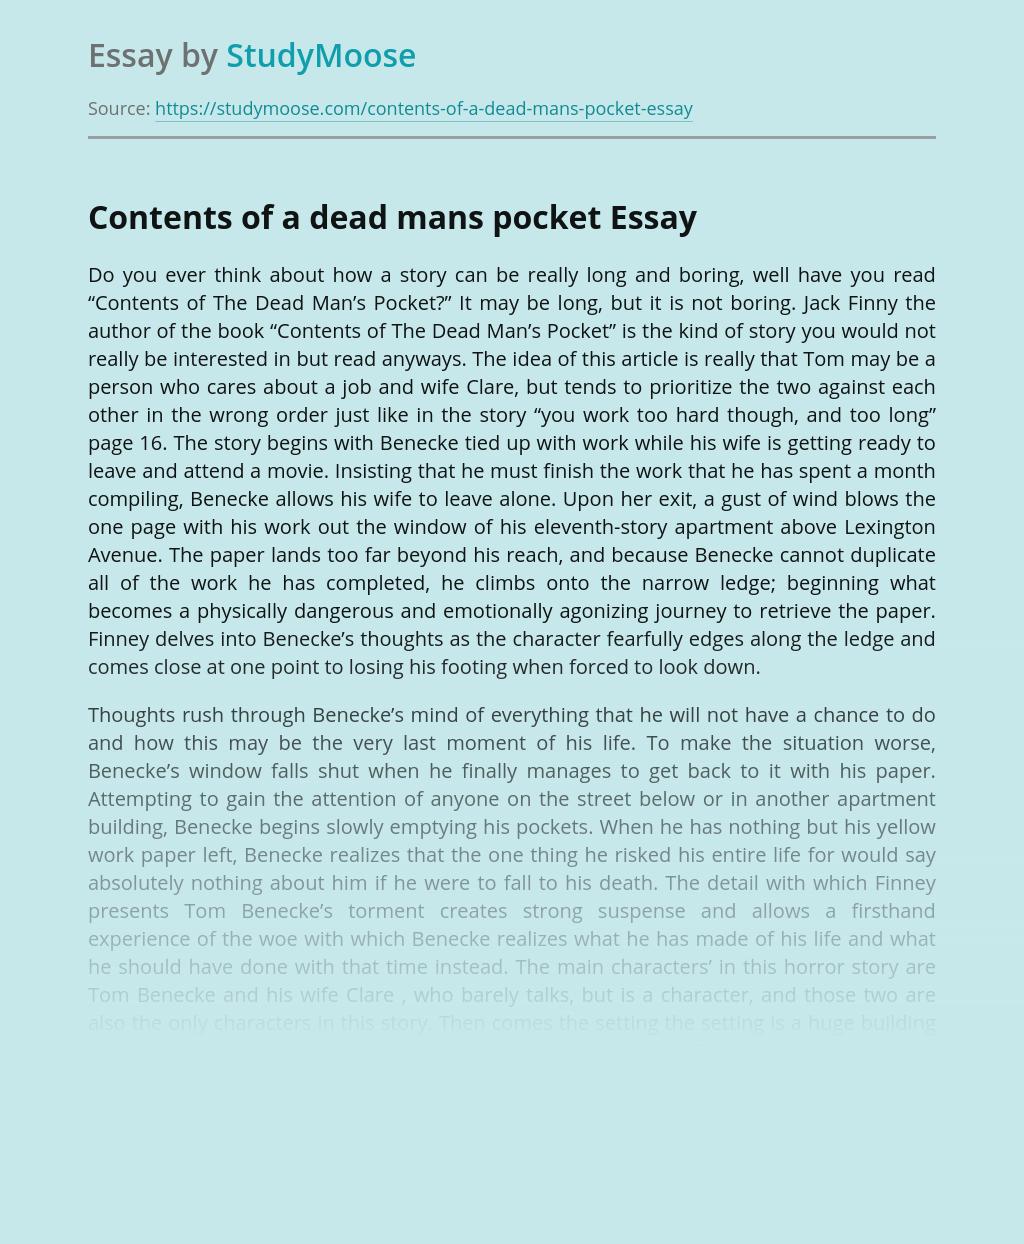 Contents of a dead mans pocket